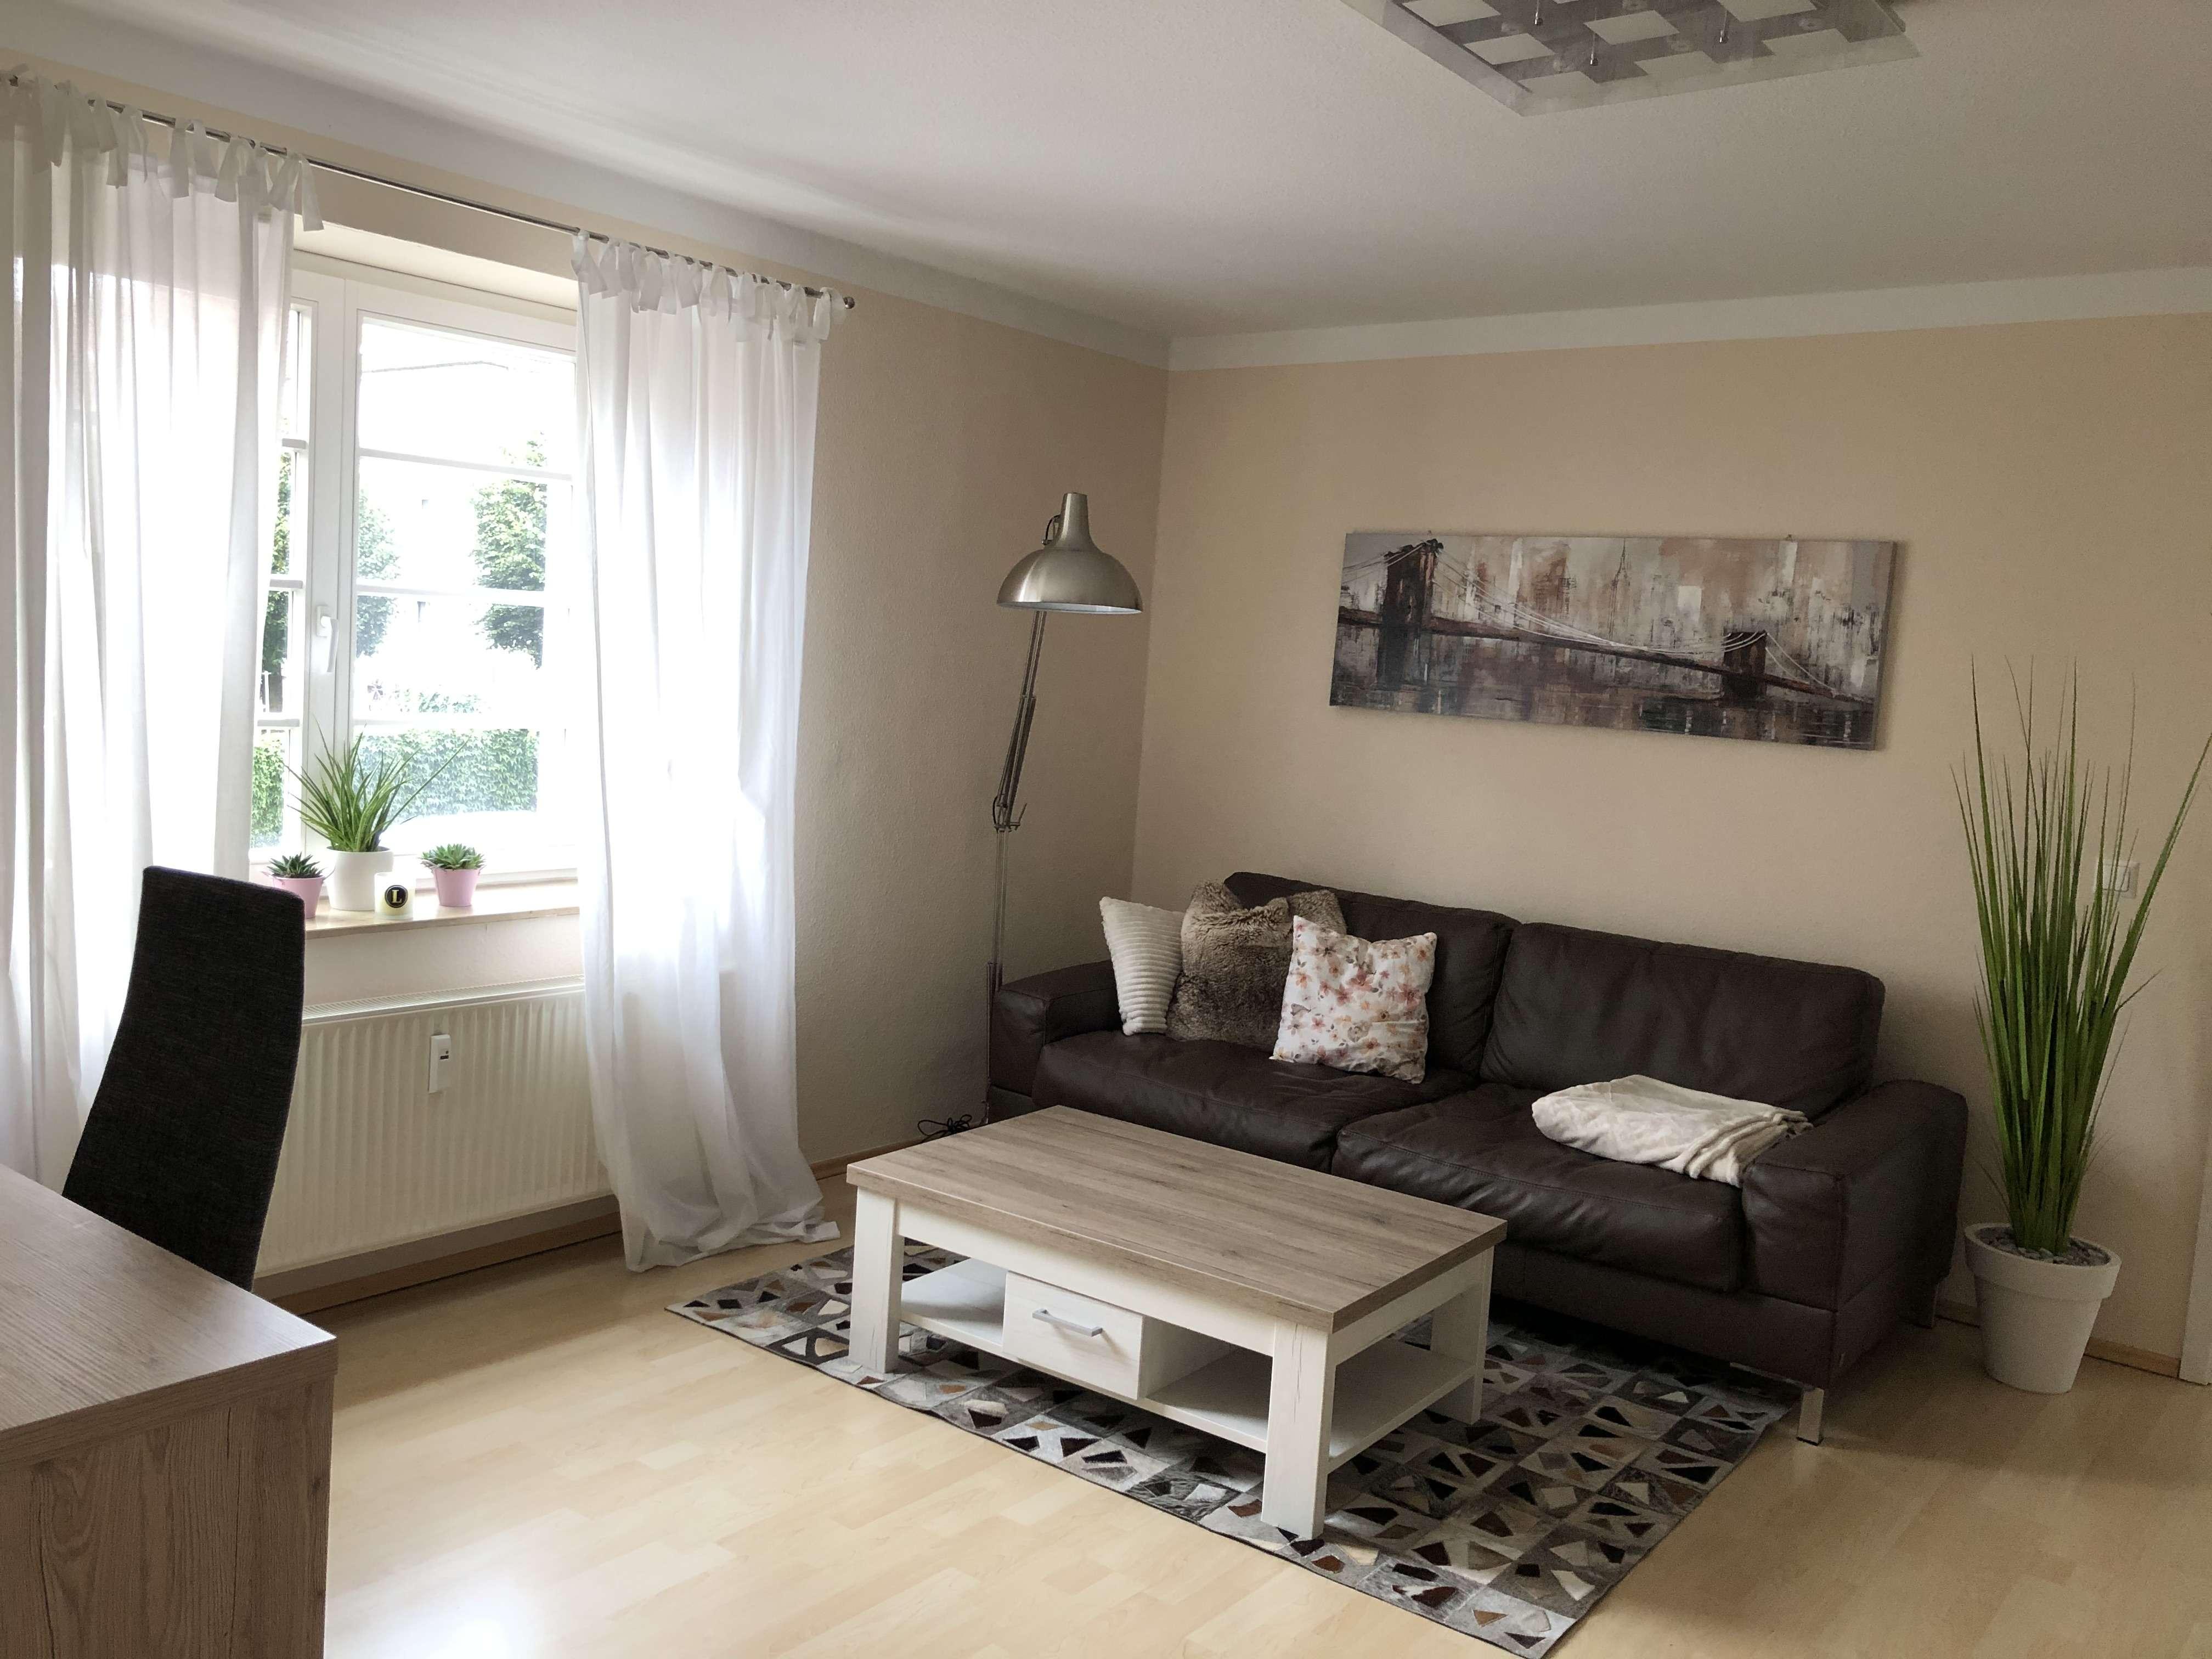 Stilvolle, helle 2-Zimmer-Wohnung in bester Lage im Frauenland in